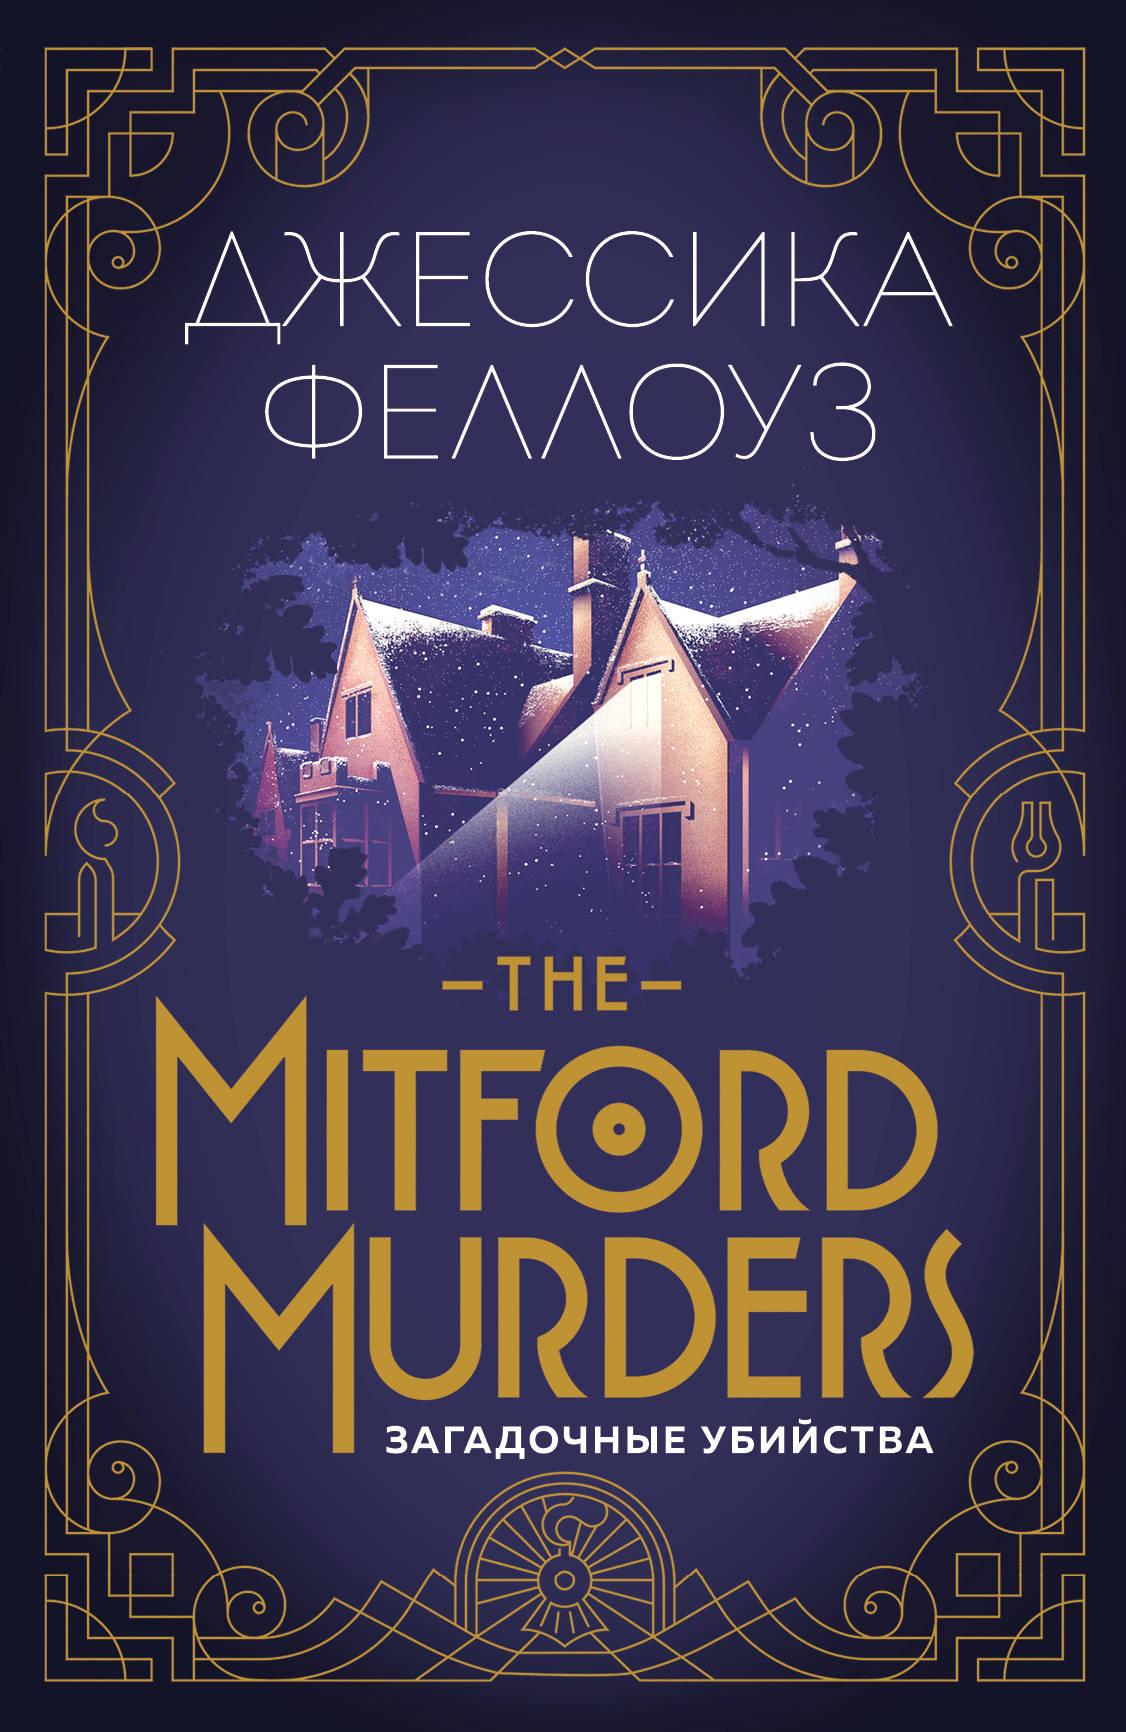 Феллоуз Джессика The Mitford murders. Загадочные убийства the mitford murders загадочные убийства